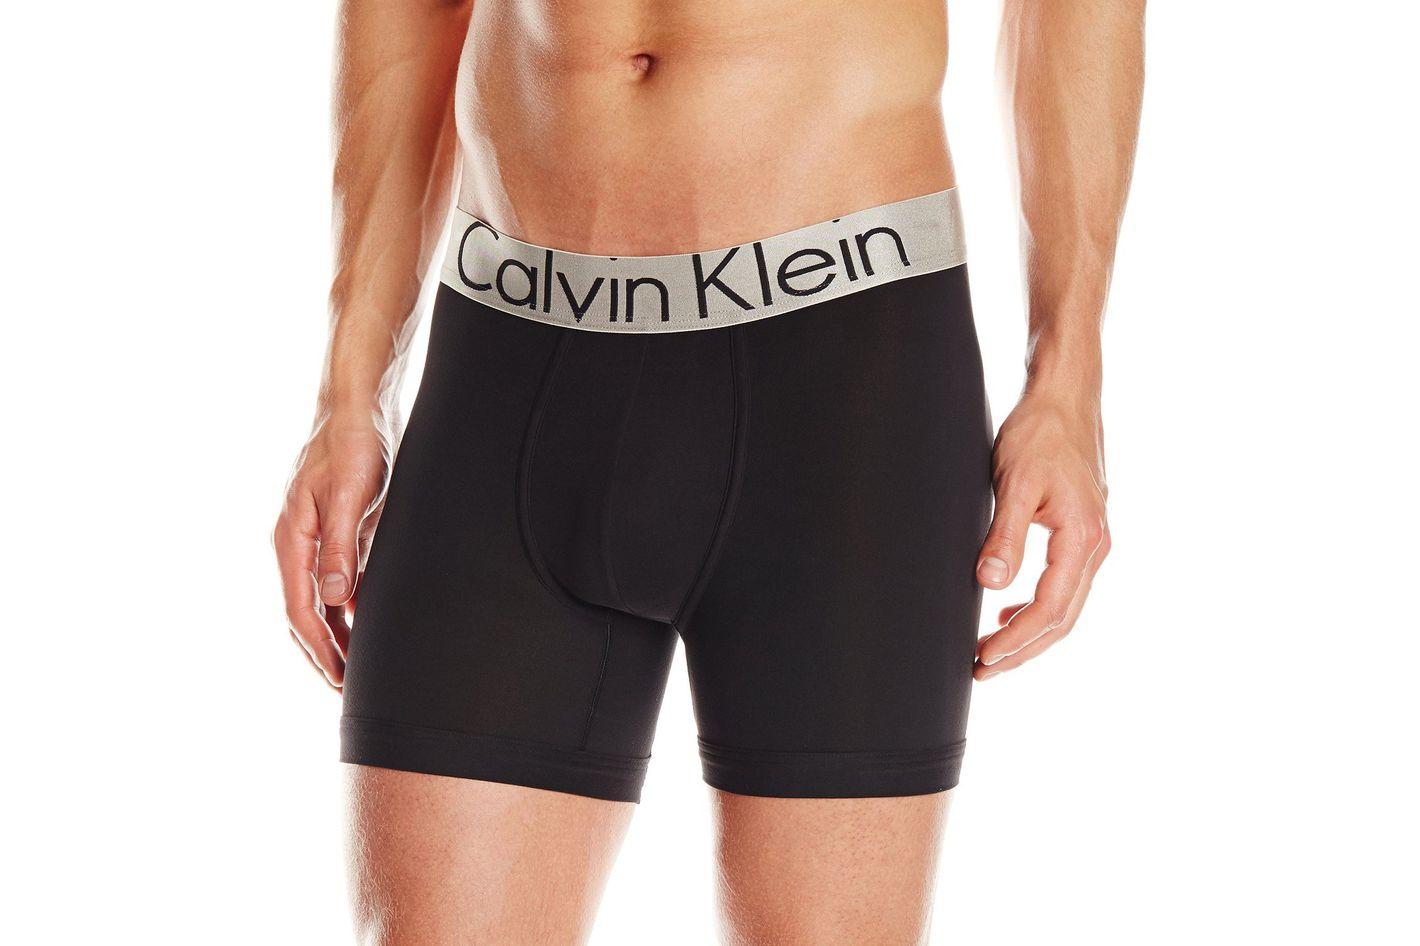 Best Underwear for Men 2017